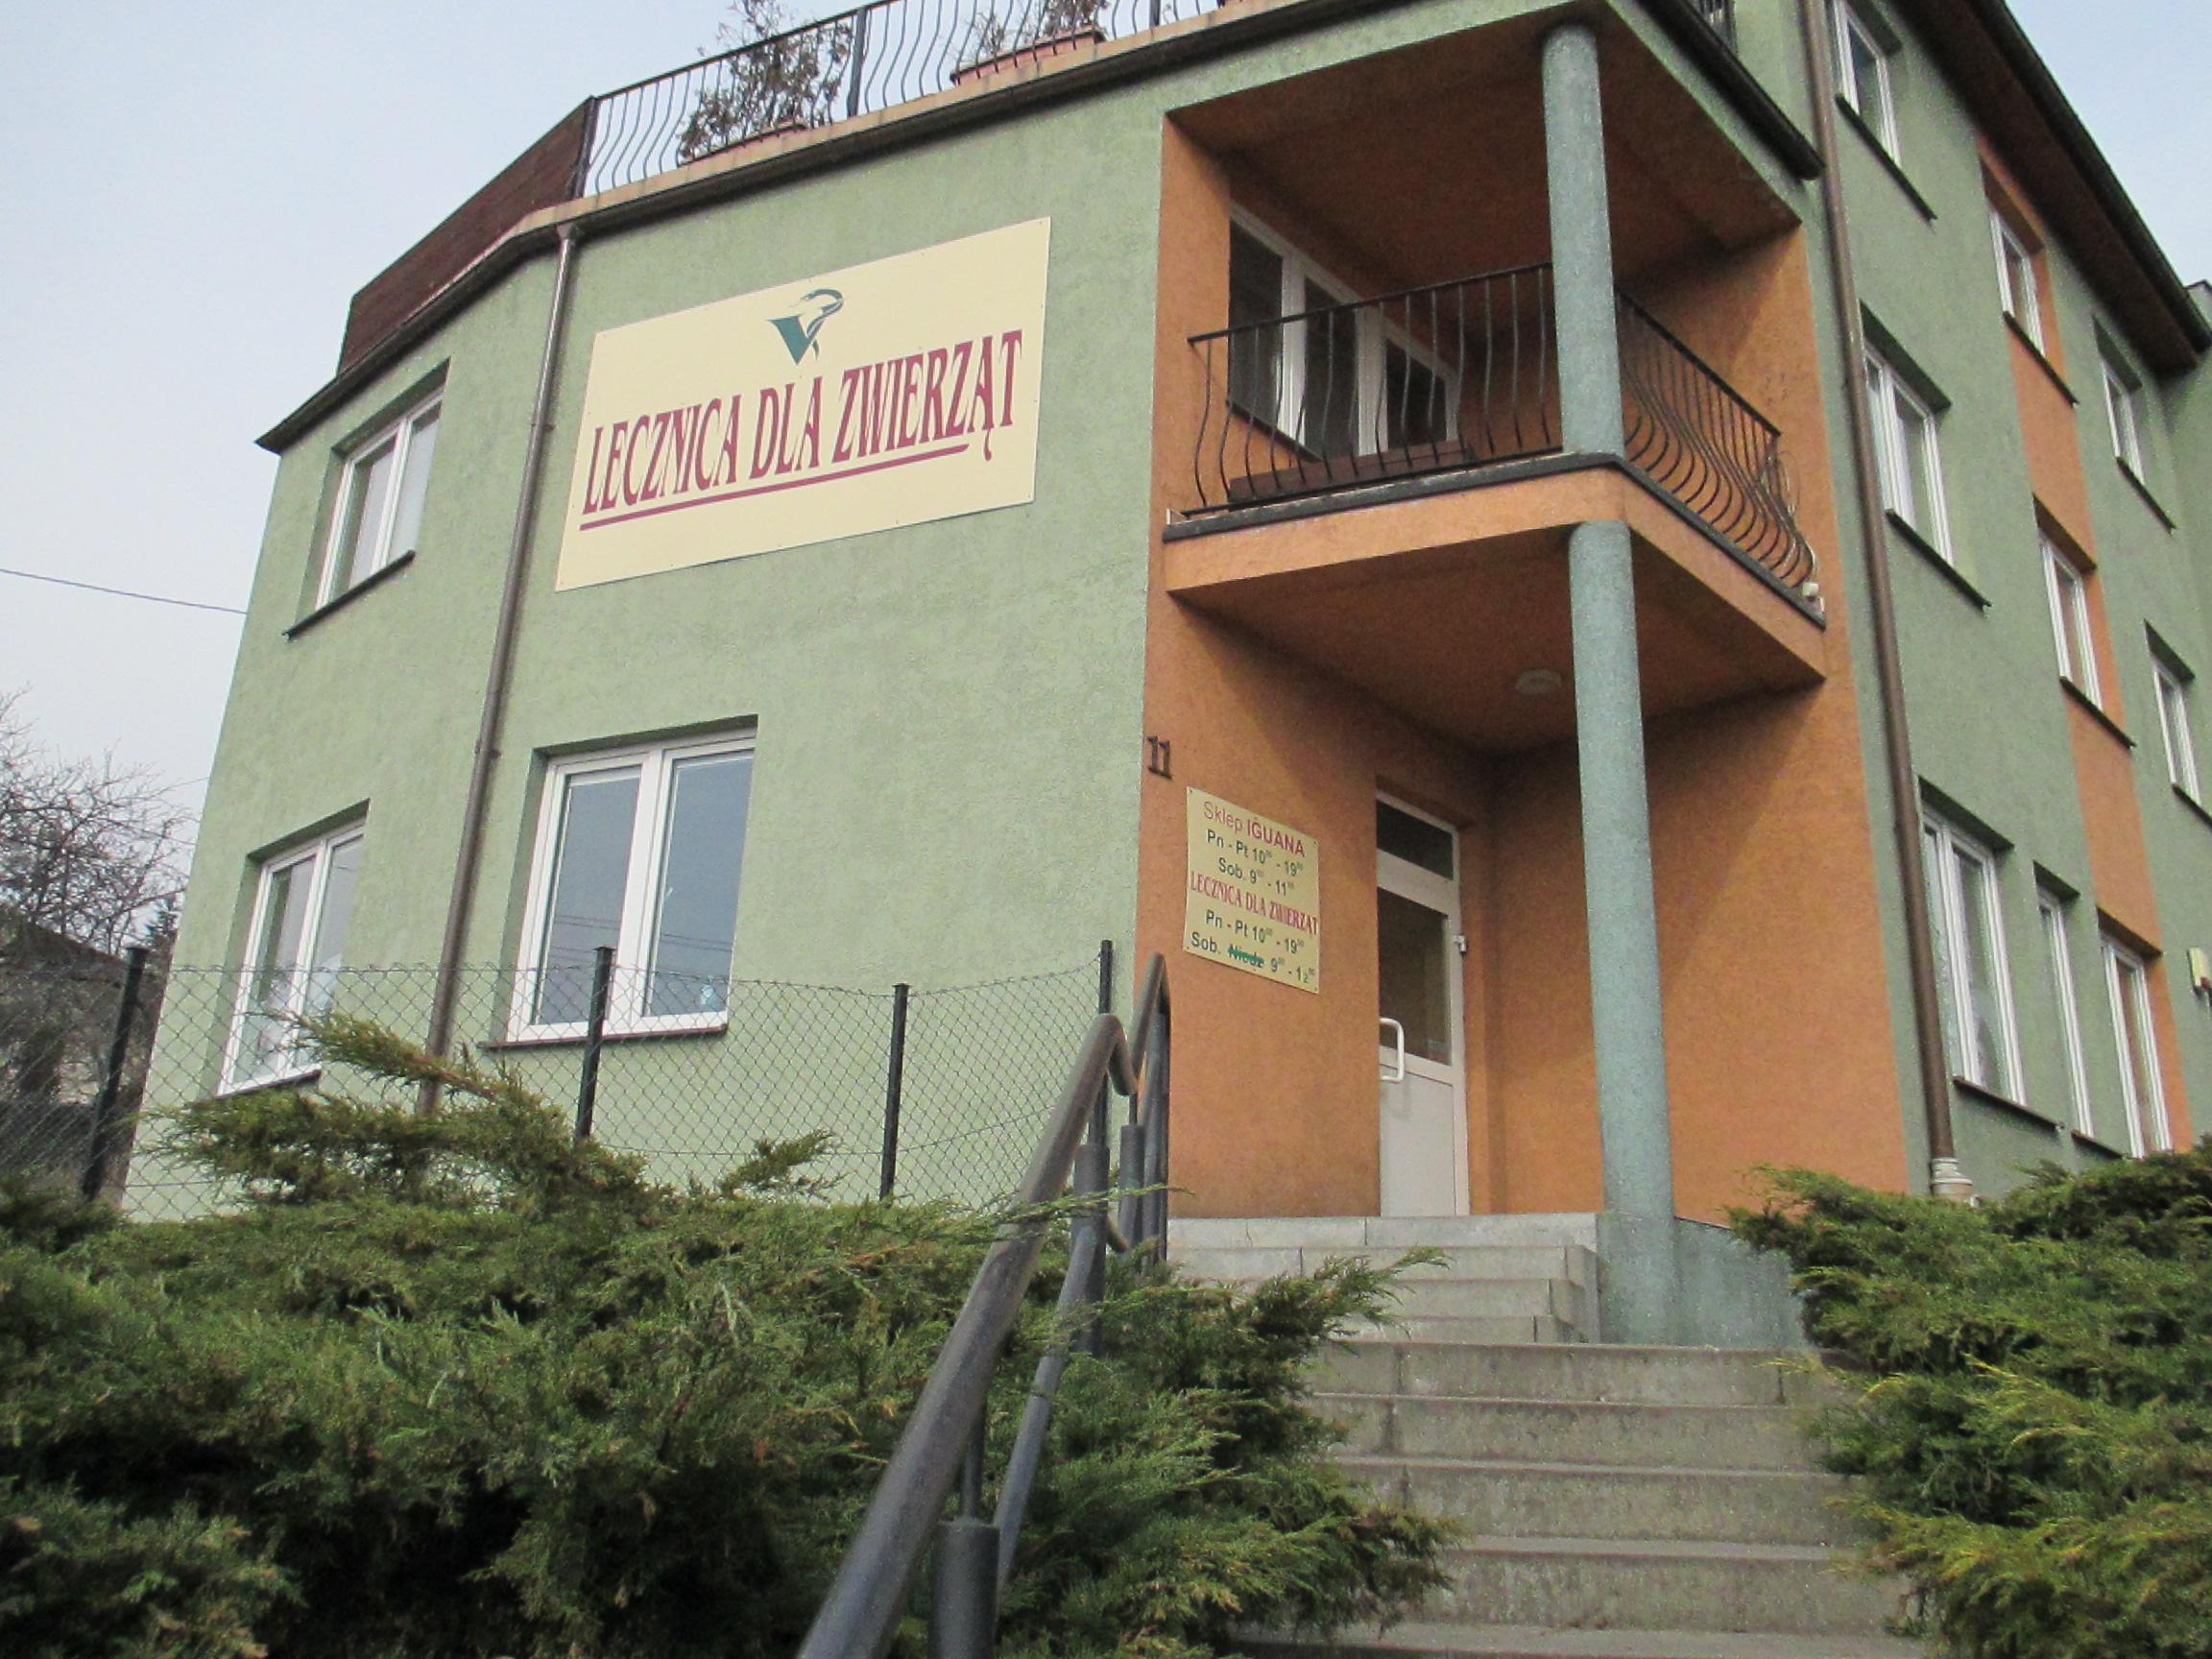 Klinika Dla Zwierząt Sc Klinika Dla Zwierząt W Gdyni